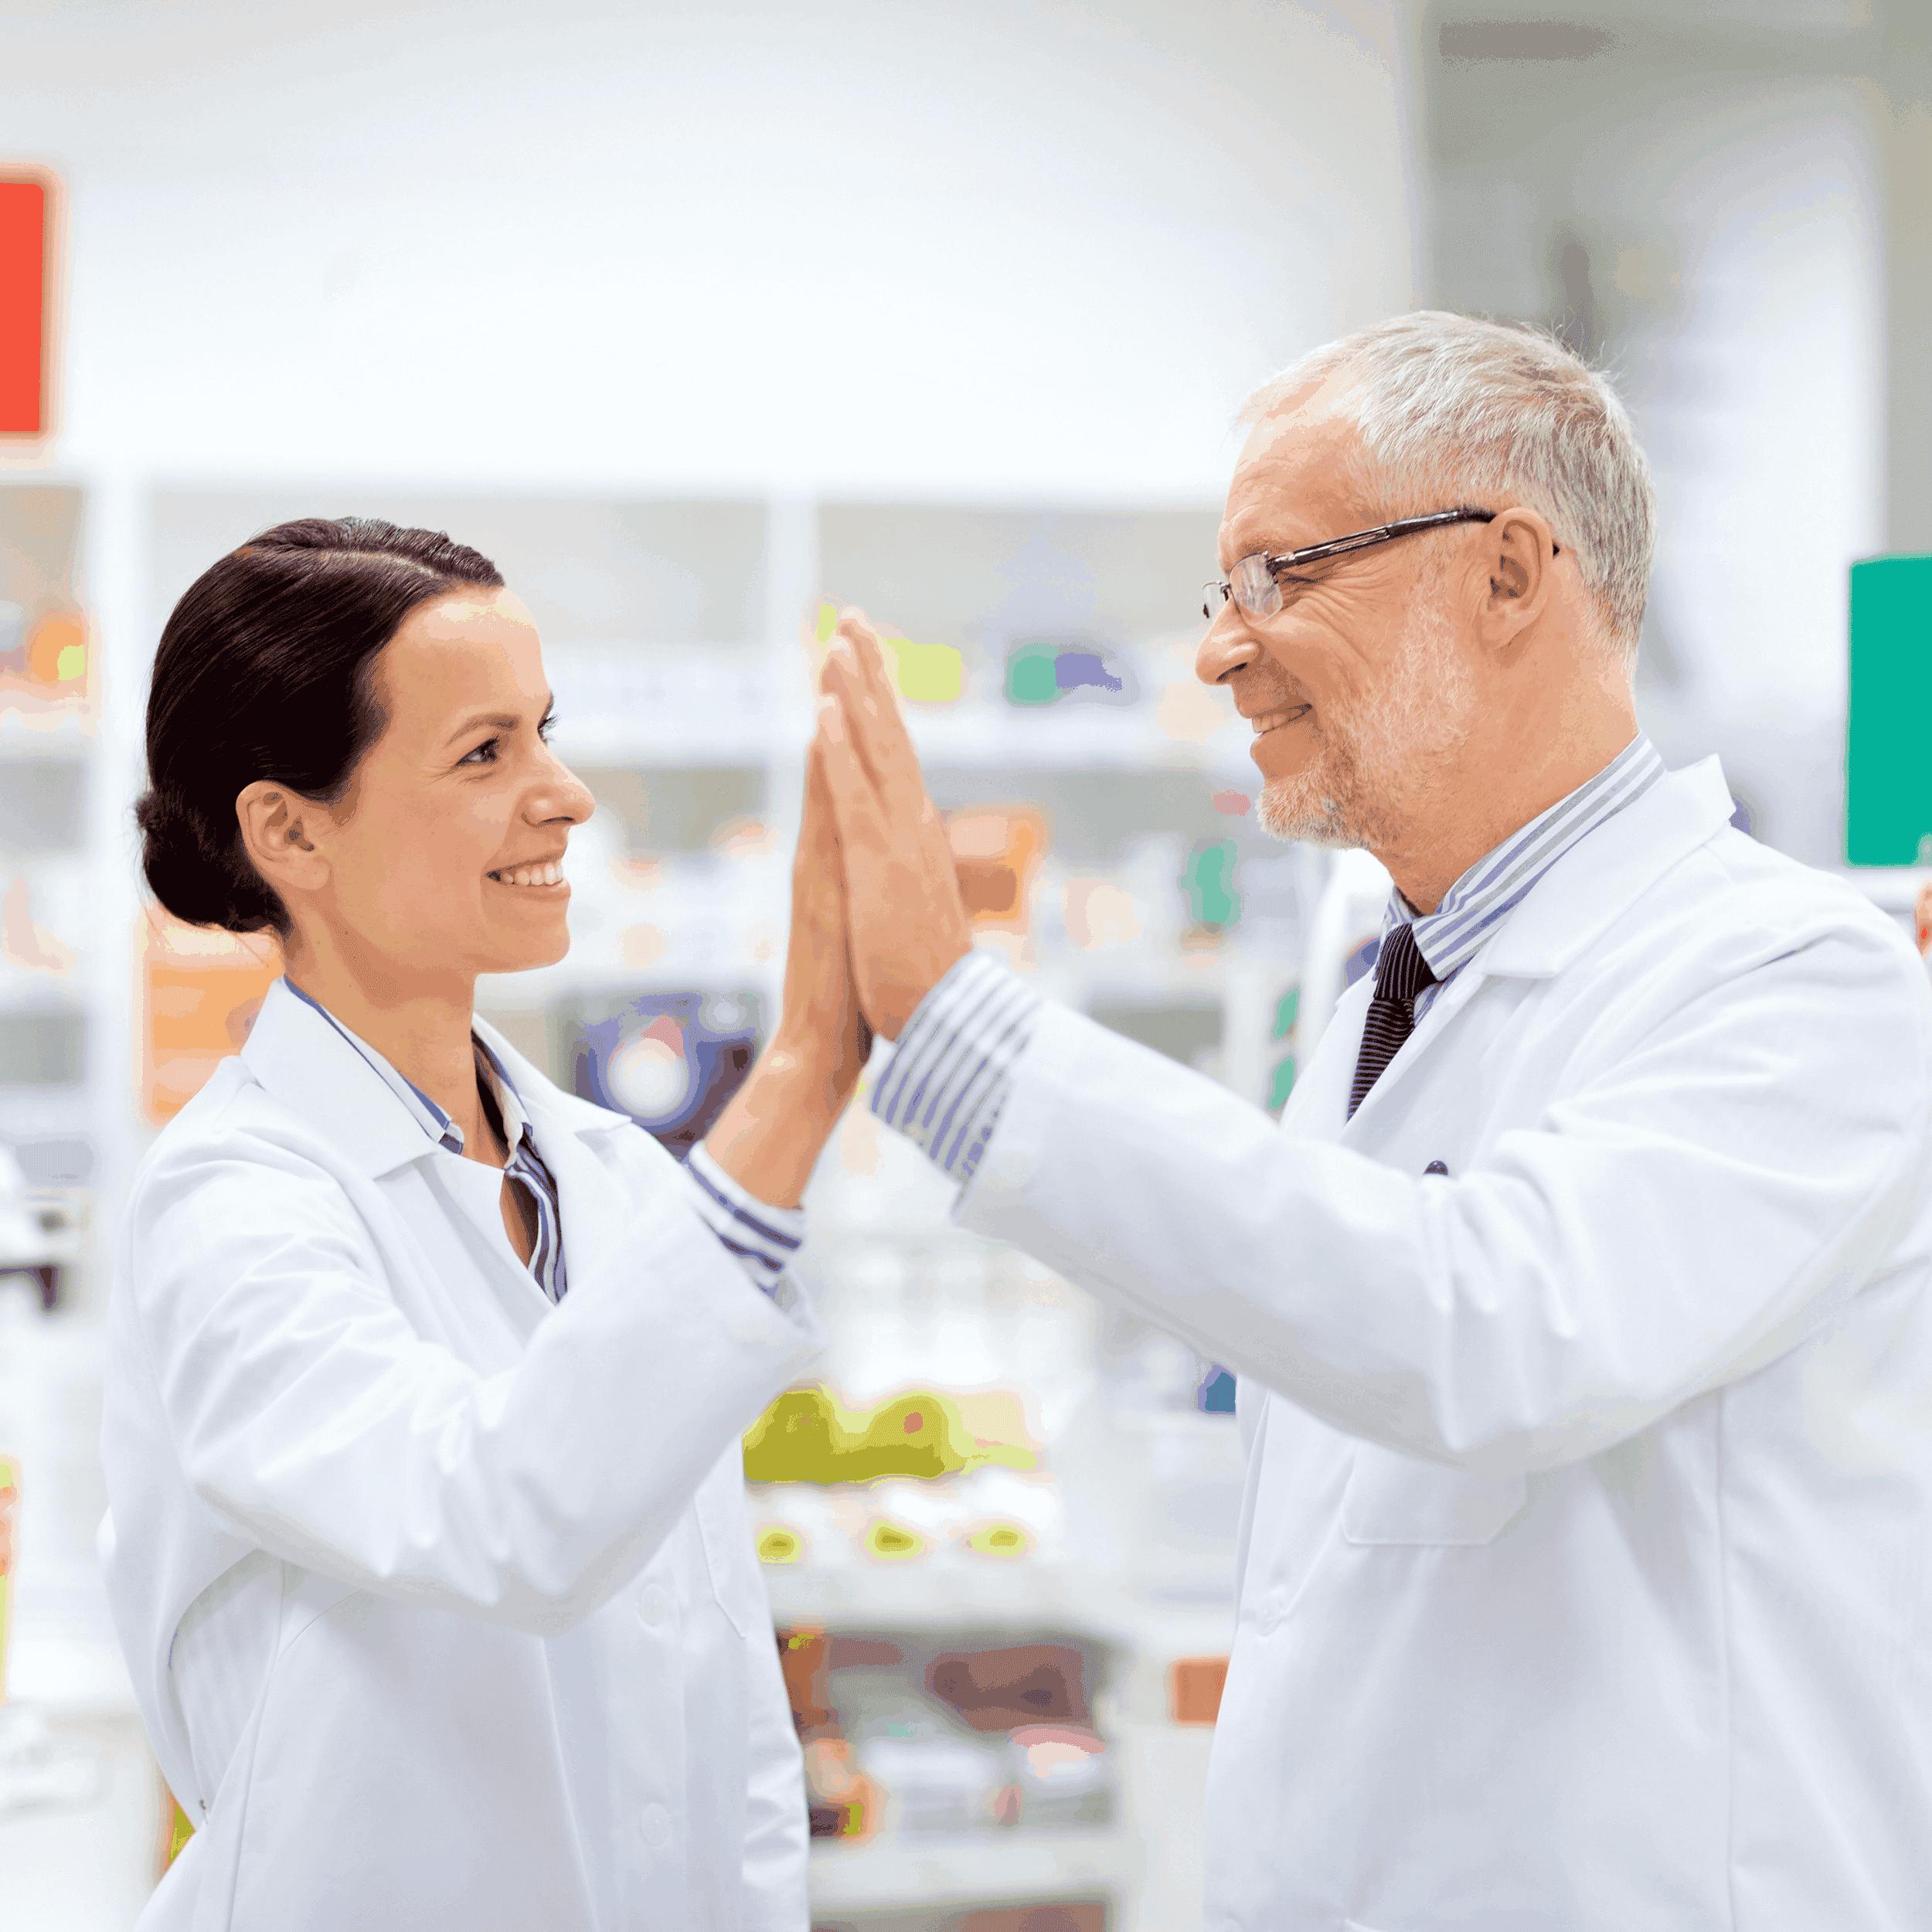 Claves del éxito para gestionar tu farmacia